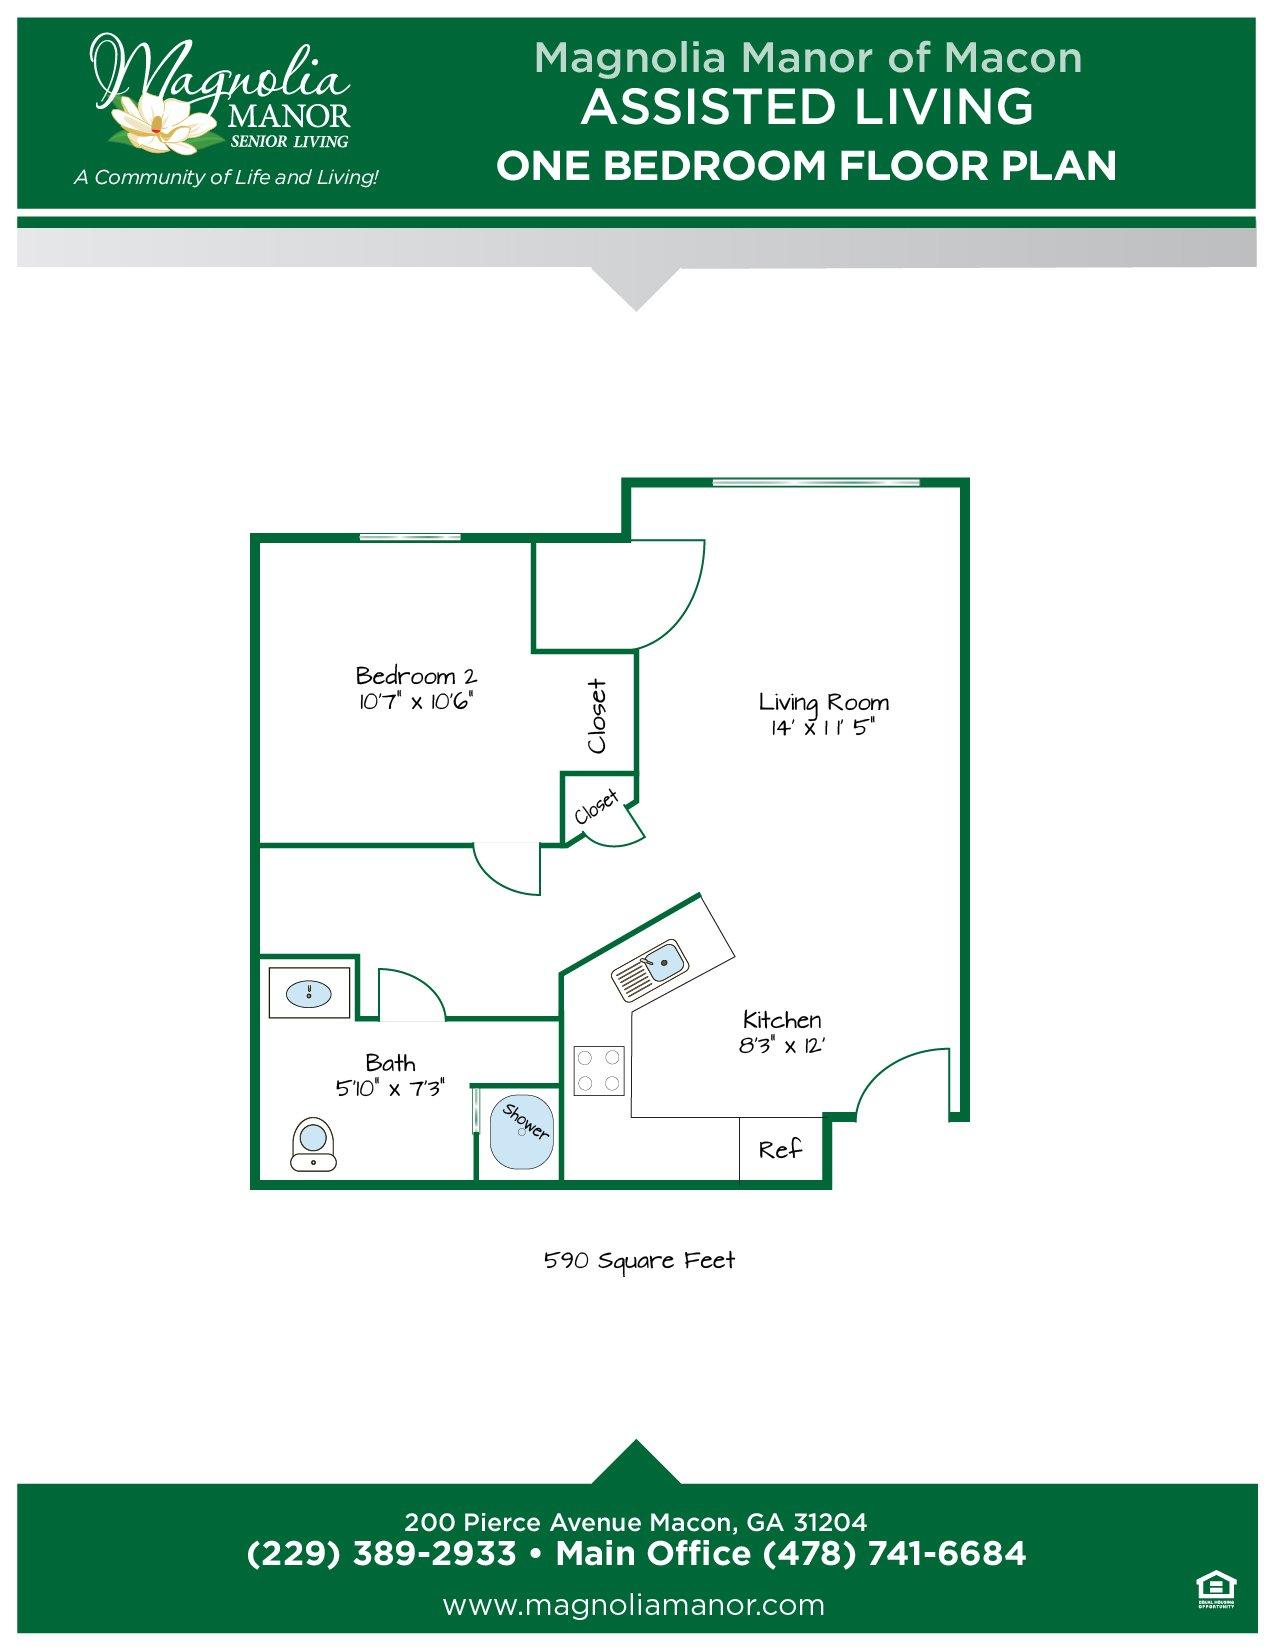 00344 MACON AL Floor Plan One Bedroom-01